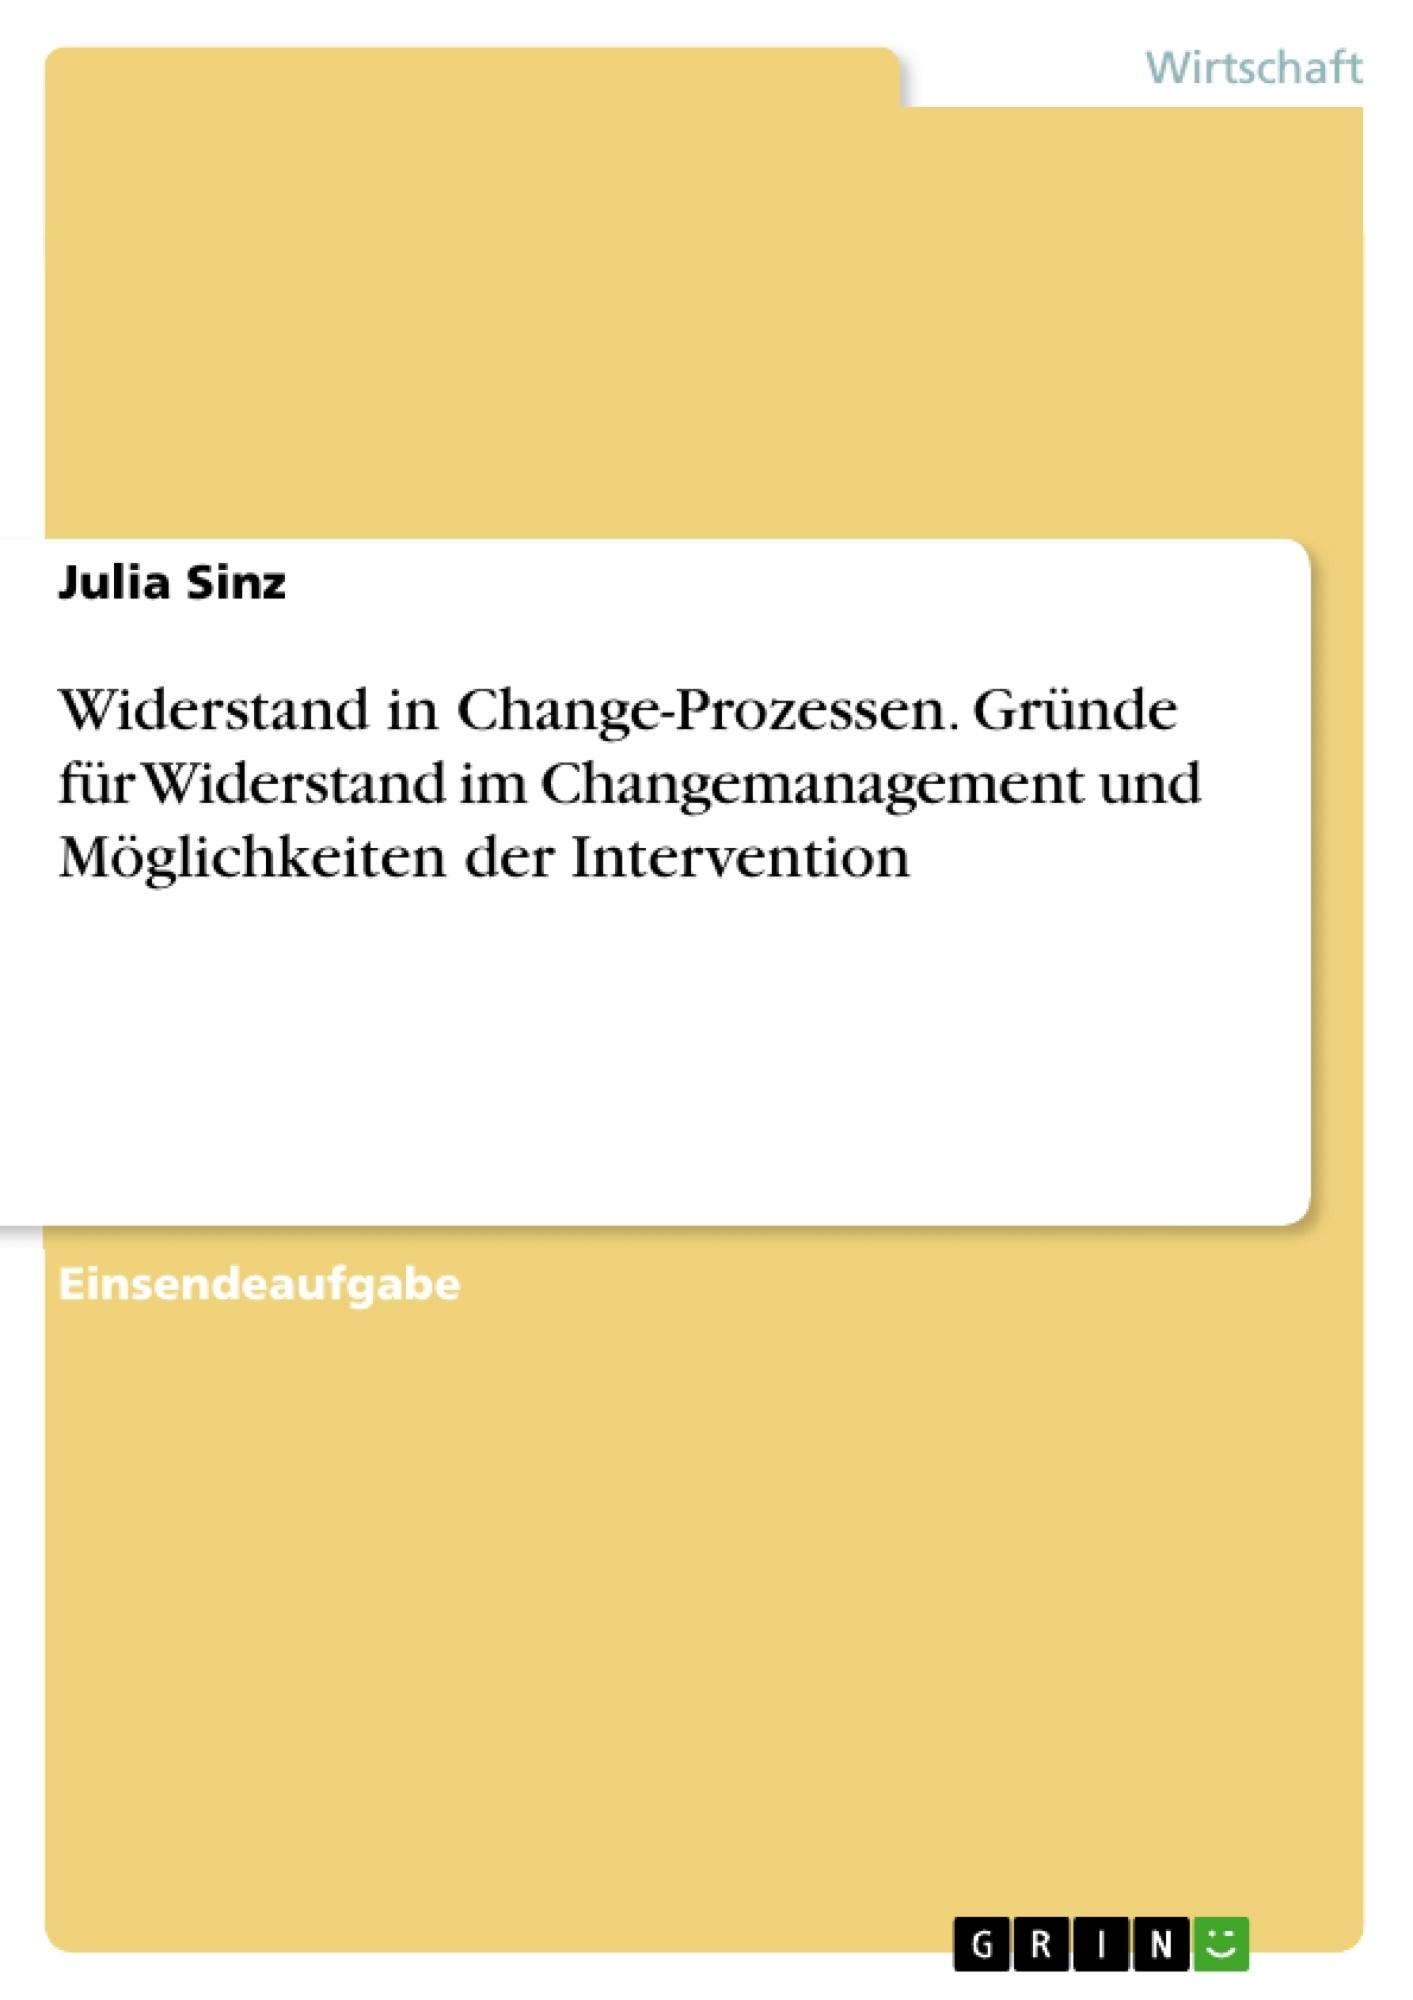 Titel: Widerstand in Change-Prozessen. Gründe für Widerstand im Changemanagement und Möglichkeiten der Intervention